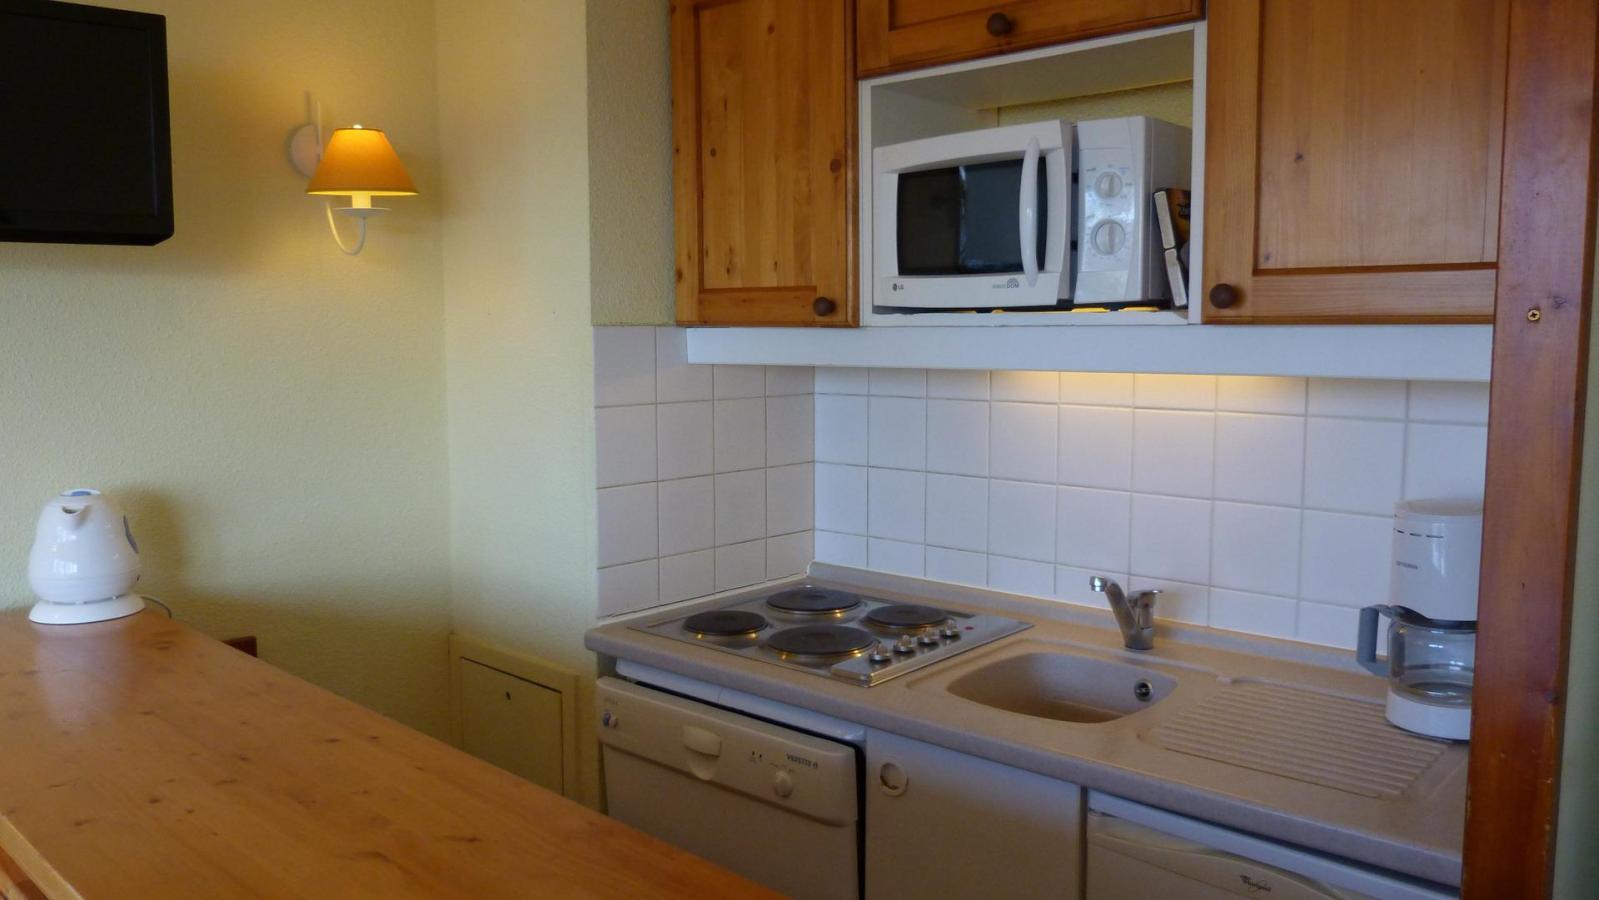 Location au ski Appartement 3 pièces 6 personnes (415) - Residence Le Ruitor - Les Arcs